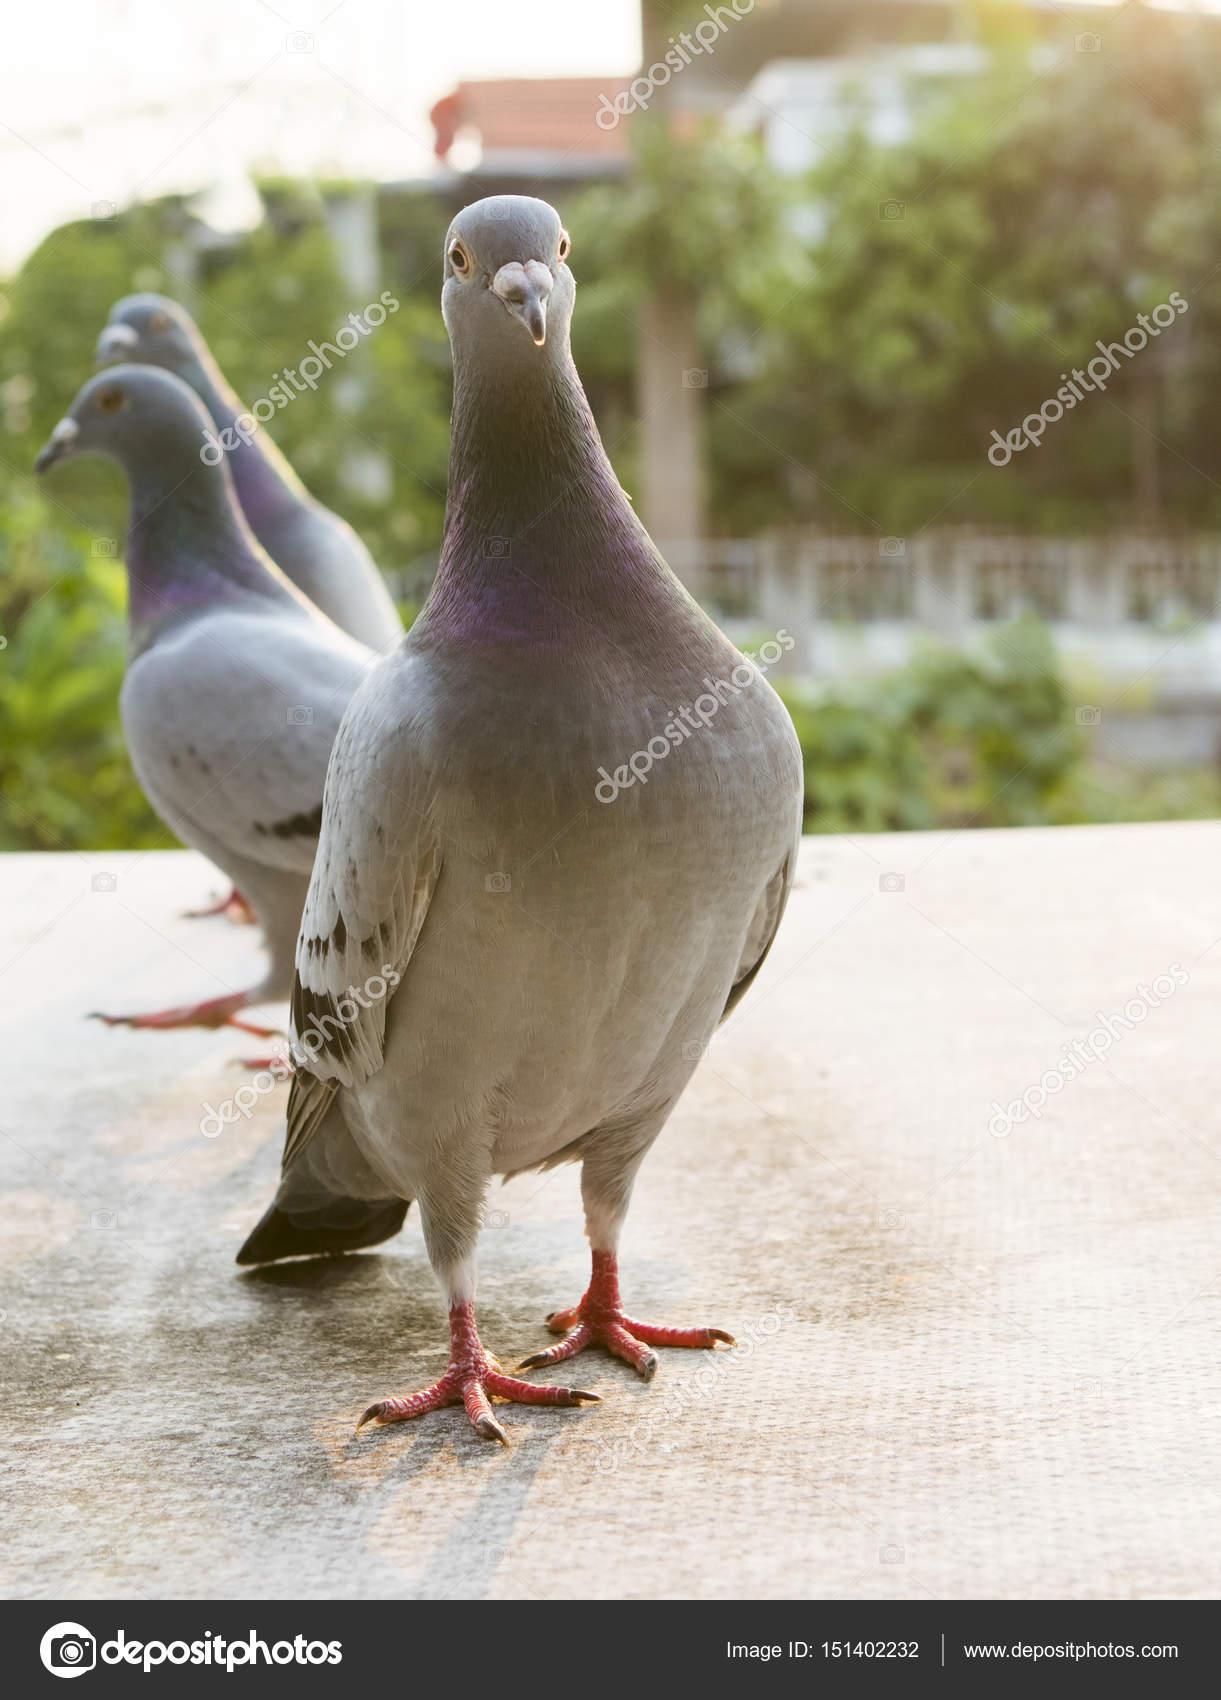 mooie verlichting schot van snelheid racen duif vogel staande op stockfoto